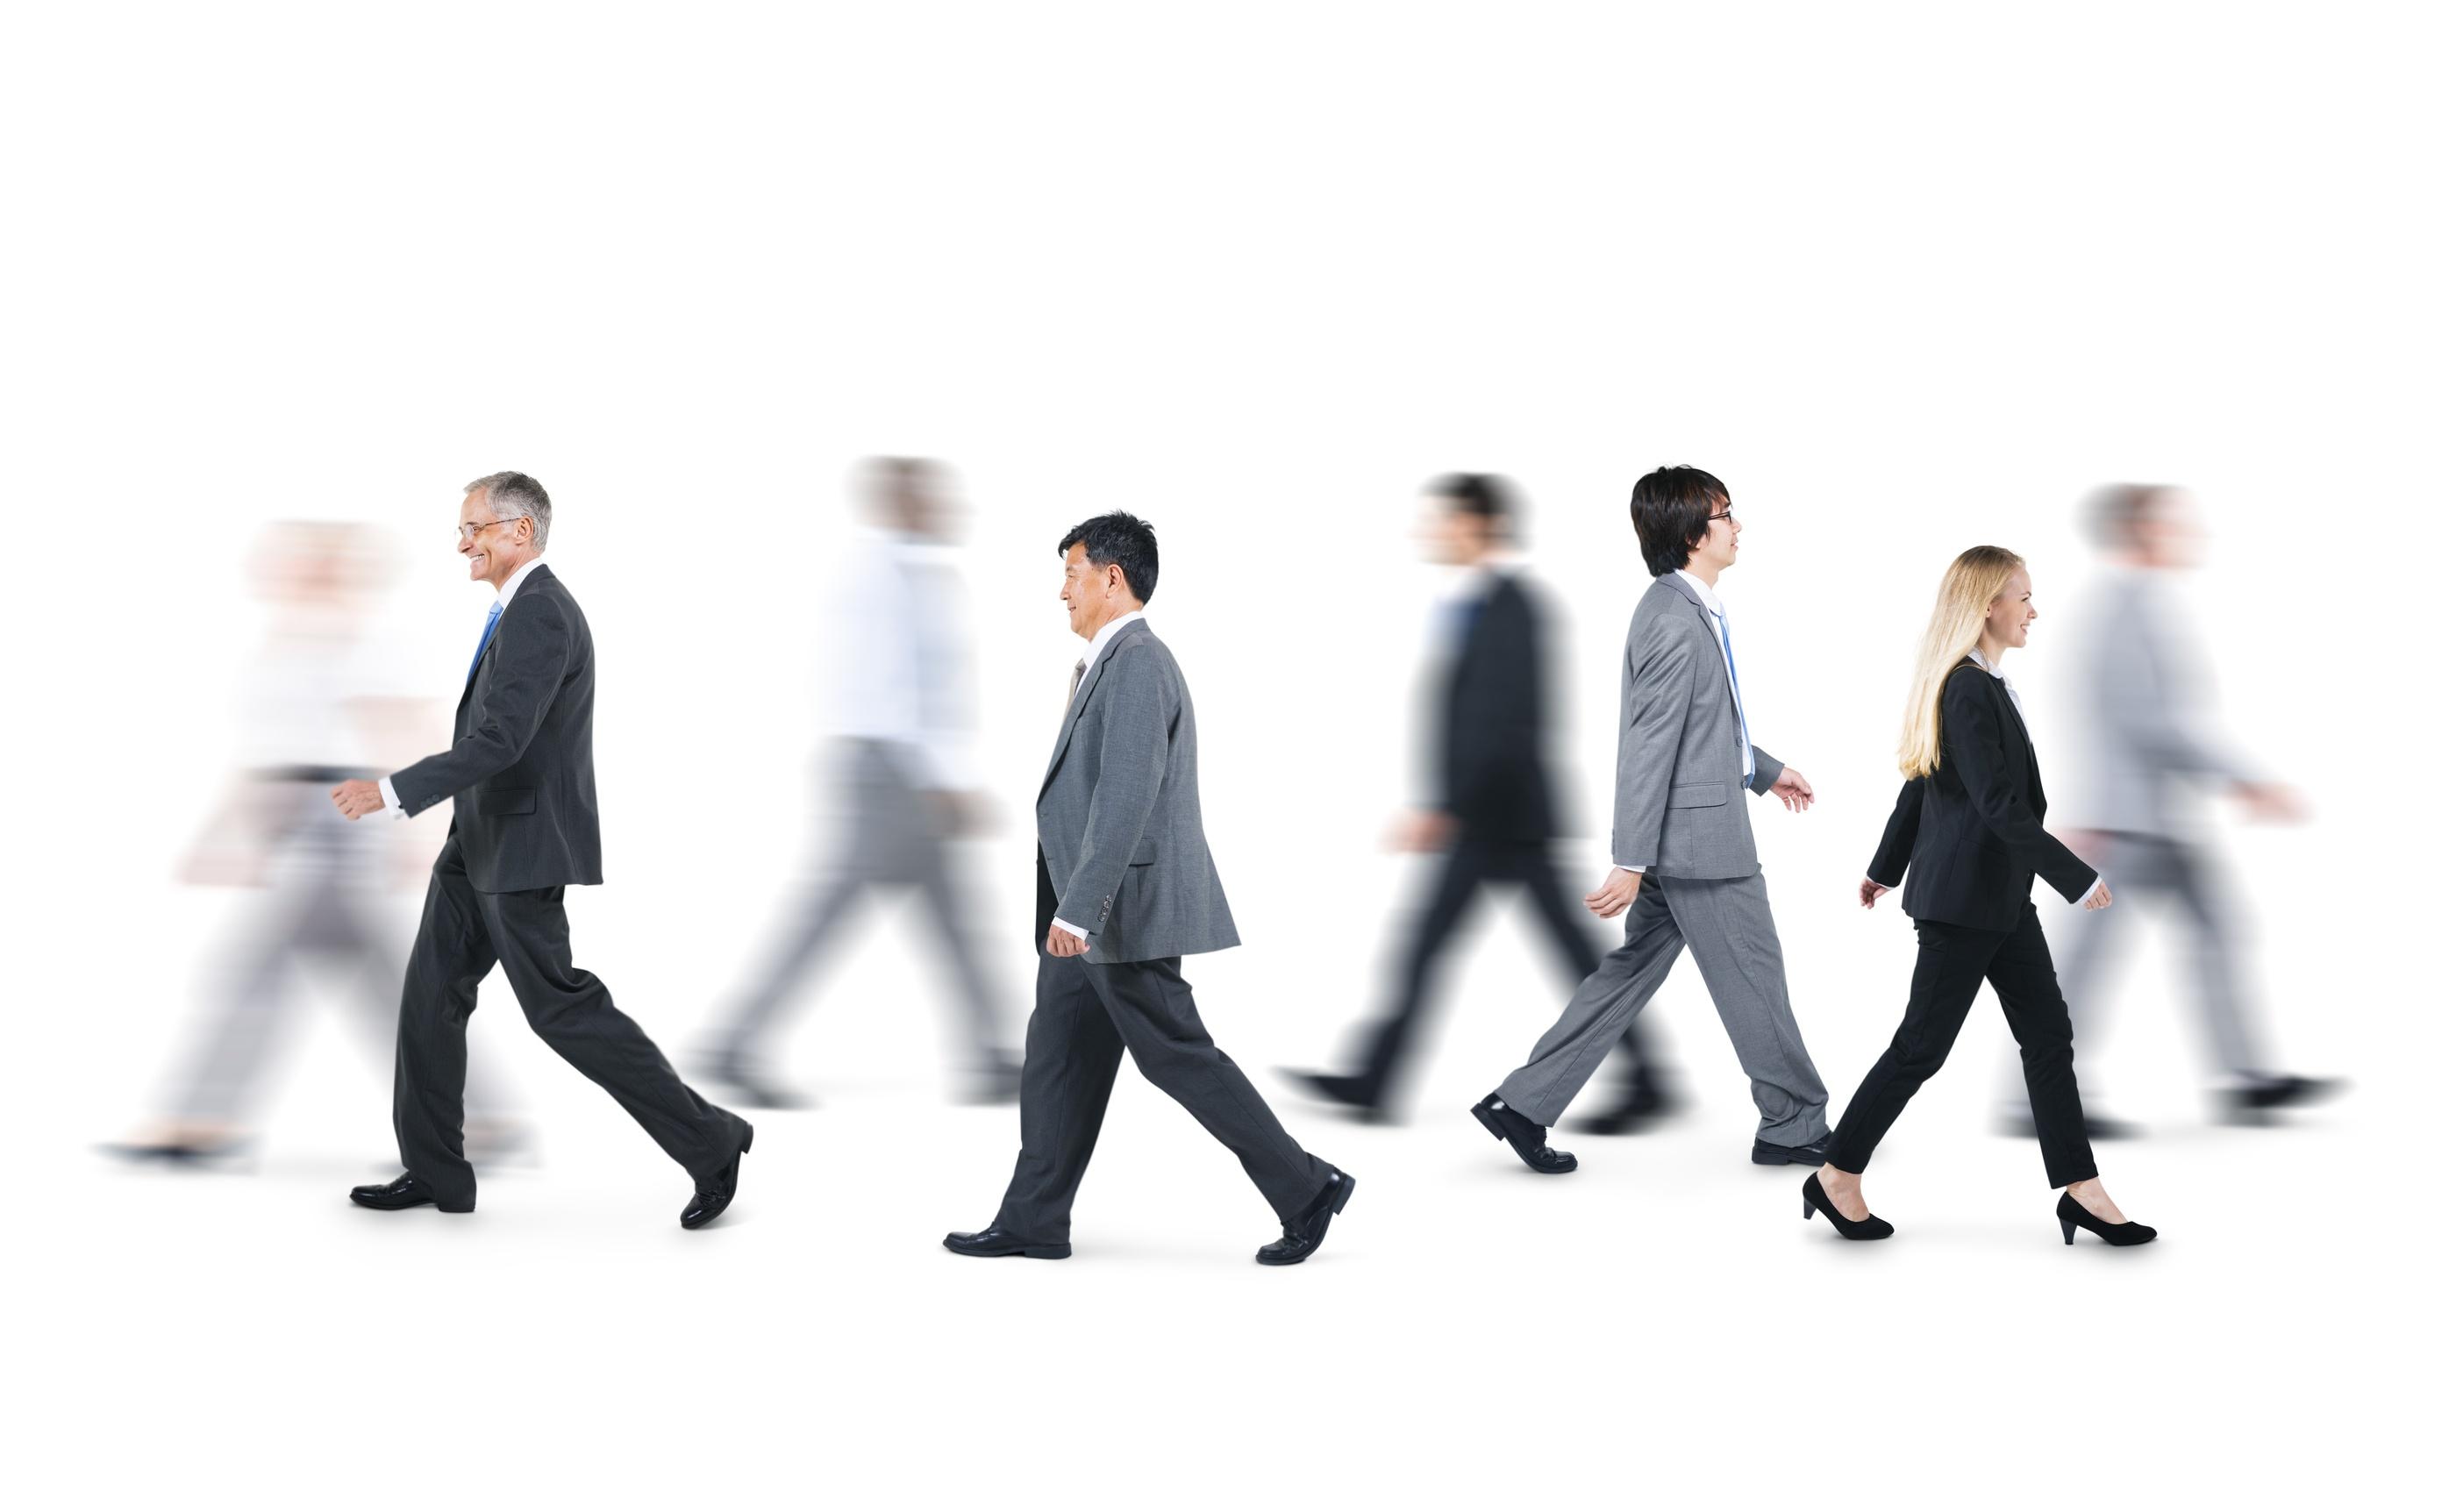 bigstock-Group-of-Business-People-Walki-62234423.jpg